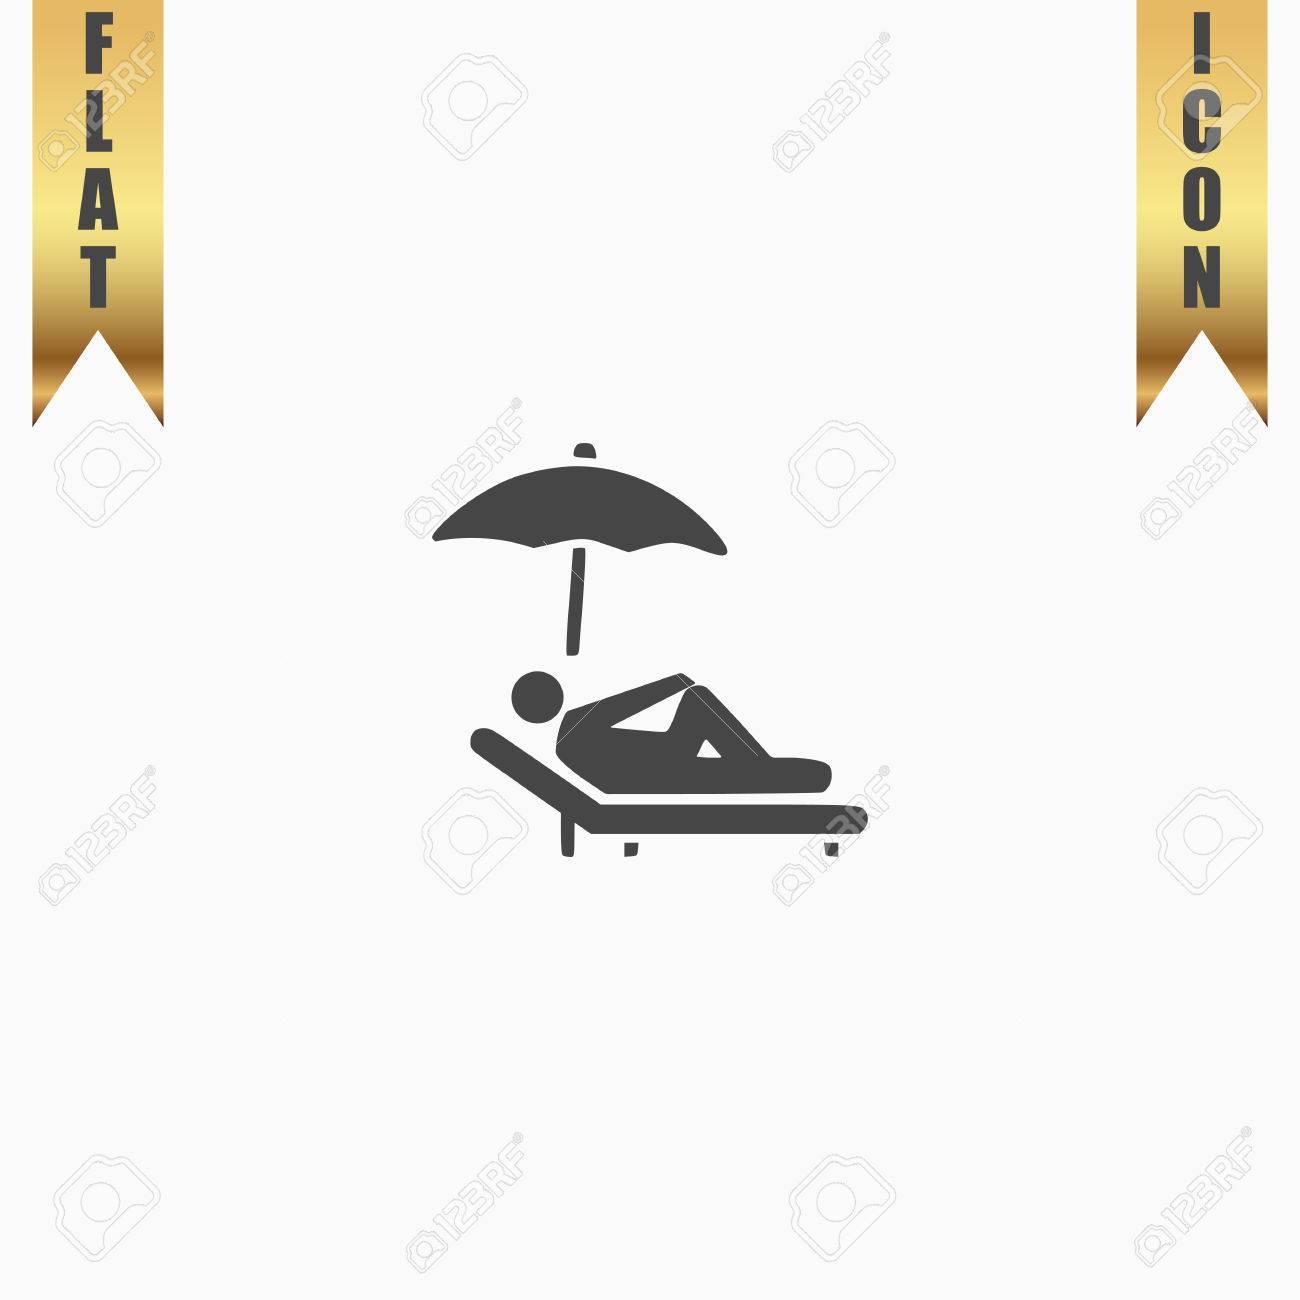 Chaise Plate Vous Blanc Symbole Fond Un Parasol Avec Gris Une LongueIcône Sous D'or Détendez De Vector Ruban Sur Illustration kn0wPO